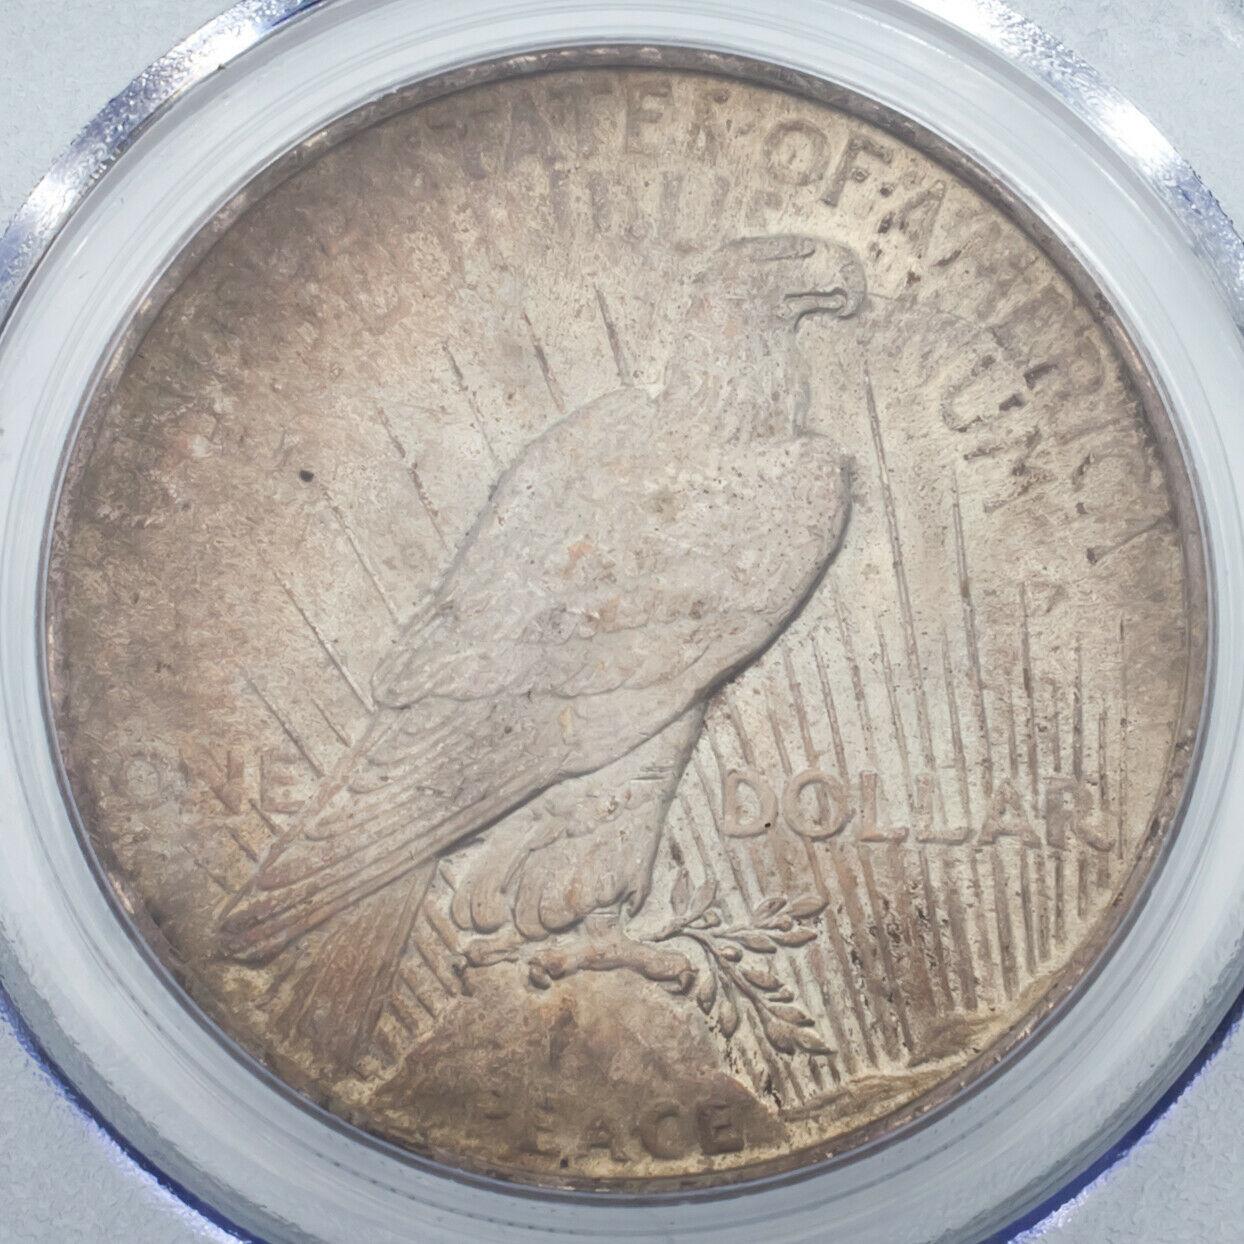 1923 Argent $1 Dollar Paix Gradé par PCGS comme MS-62 ! Joliment Tons Pièce ! image 4